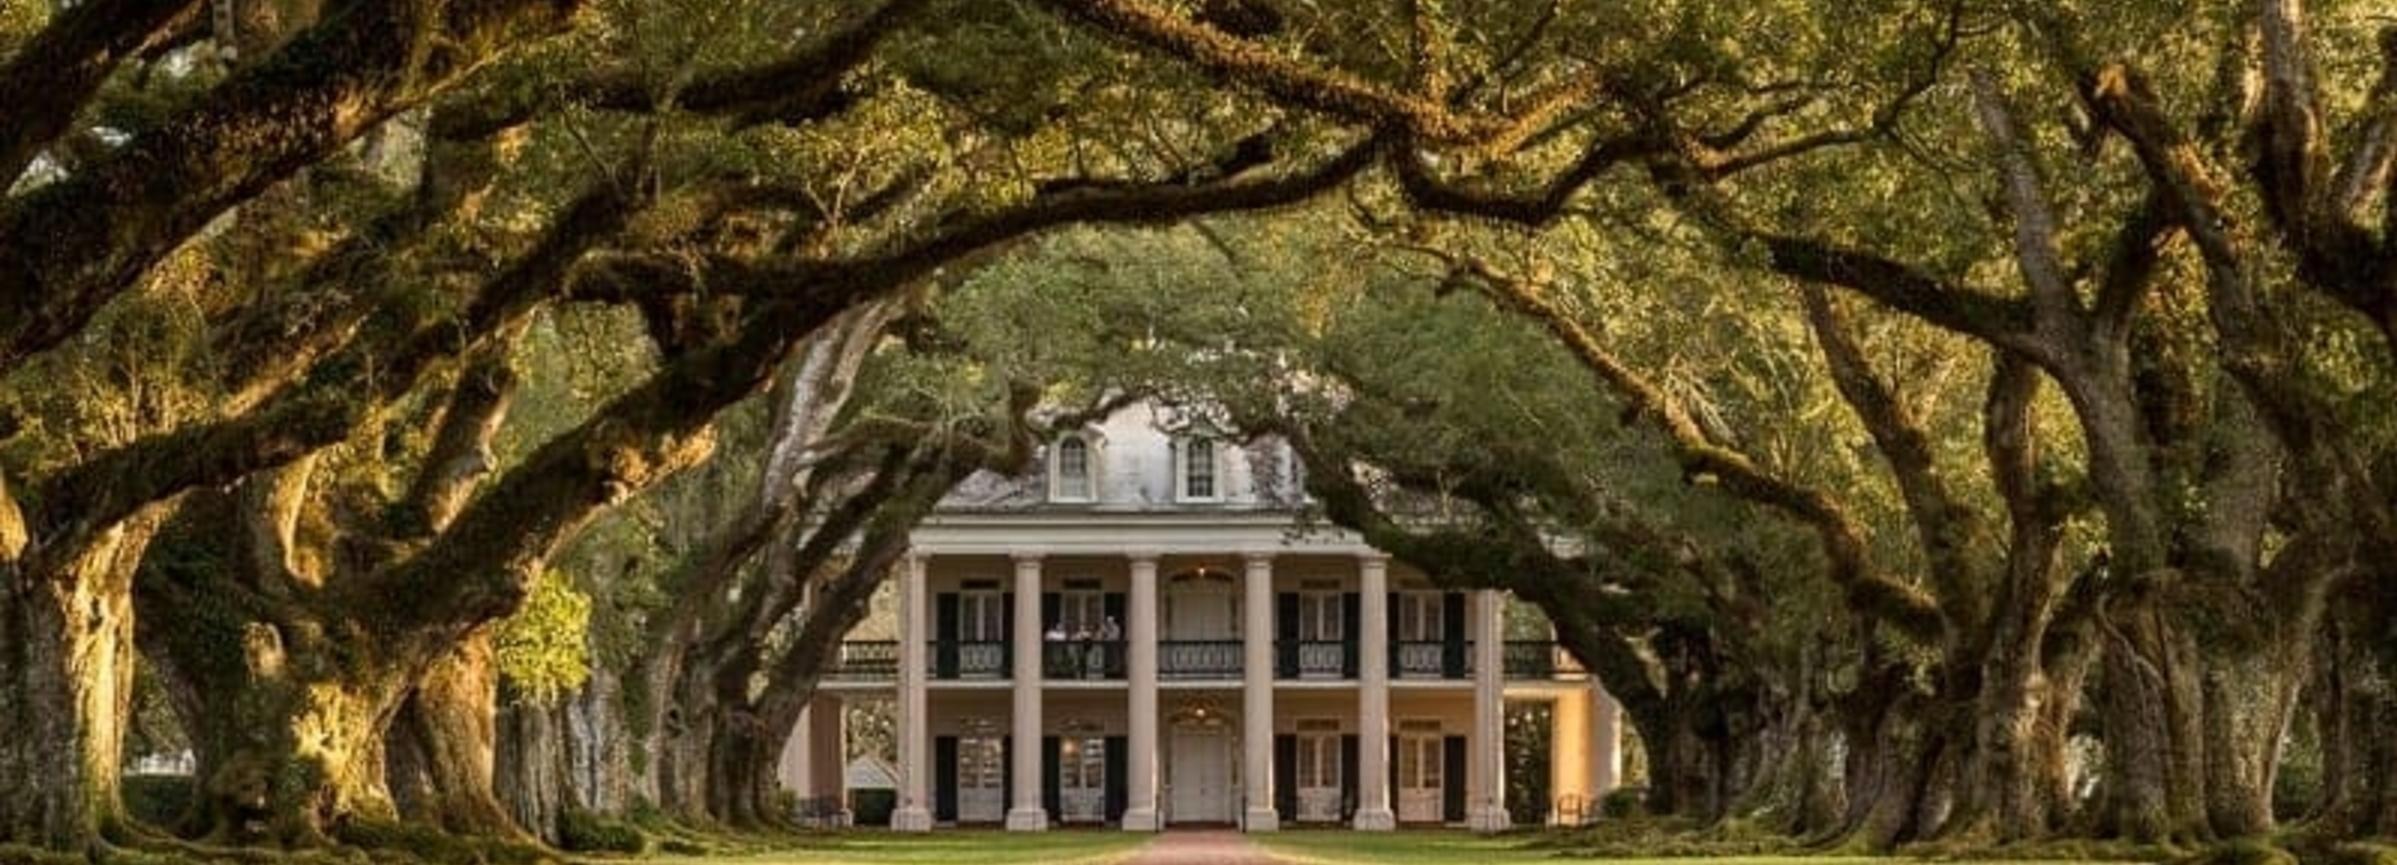 Nueva Orleans: plantación de Oak Alley e hidrodeslizador